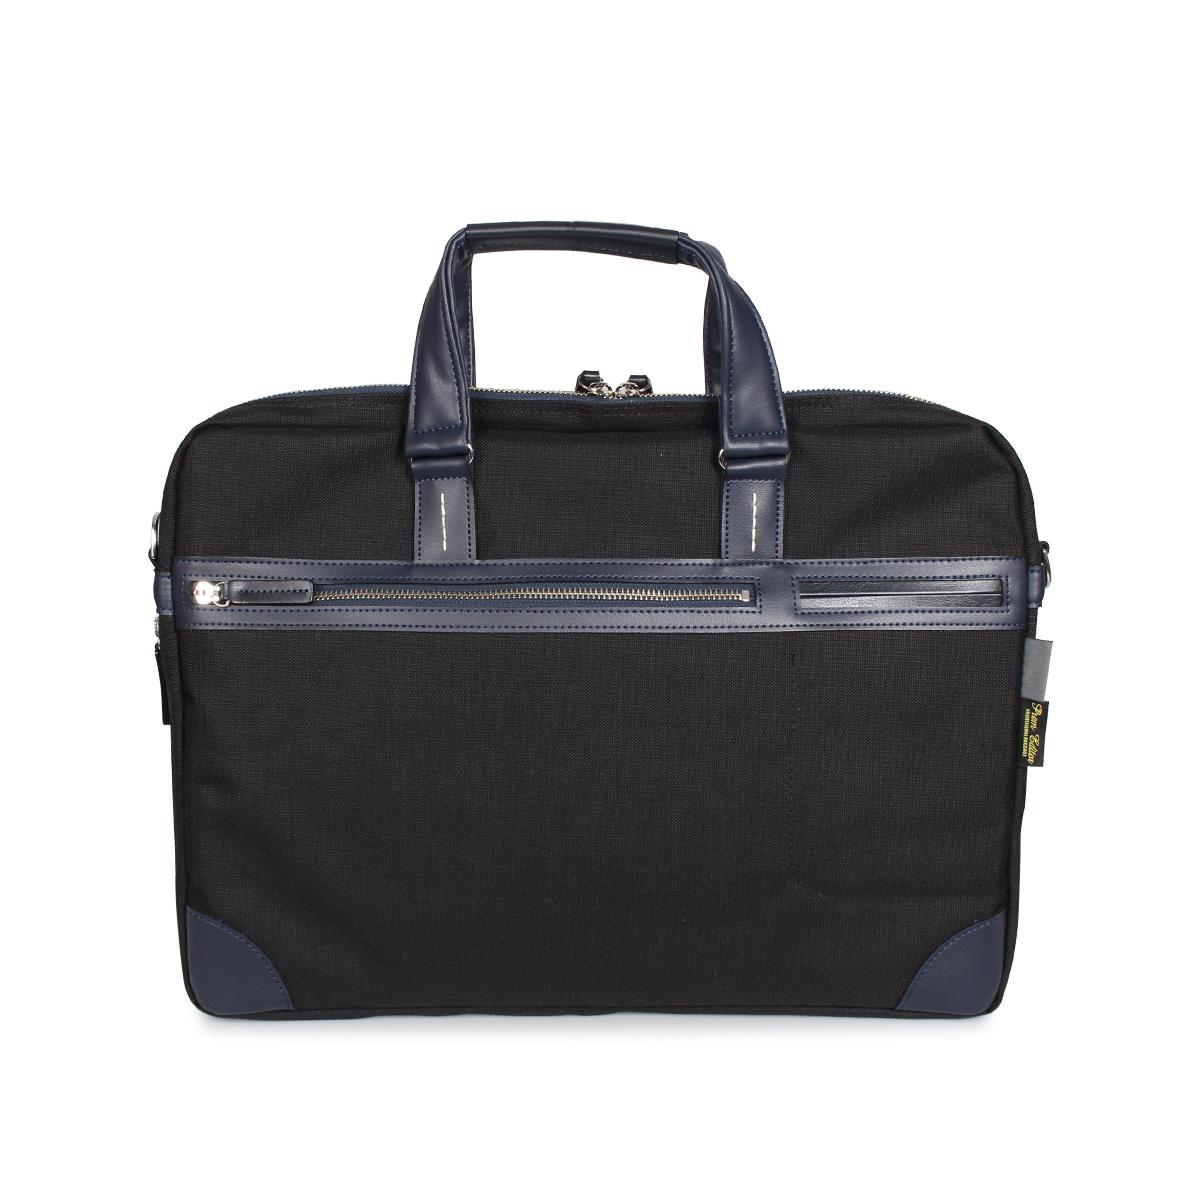 スーパーSALE 送料無料 プレム エディター PREM-EDITOR BRIEF BAG バッグ メンズ ブラック ビジネスバッグ 黒 6L お金を節約 02752 定番キャンバス ネイビー ショルダーバッグ